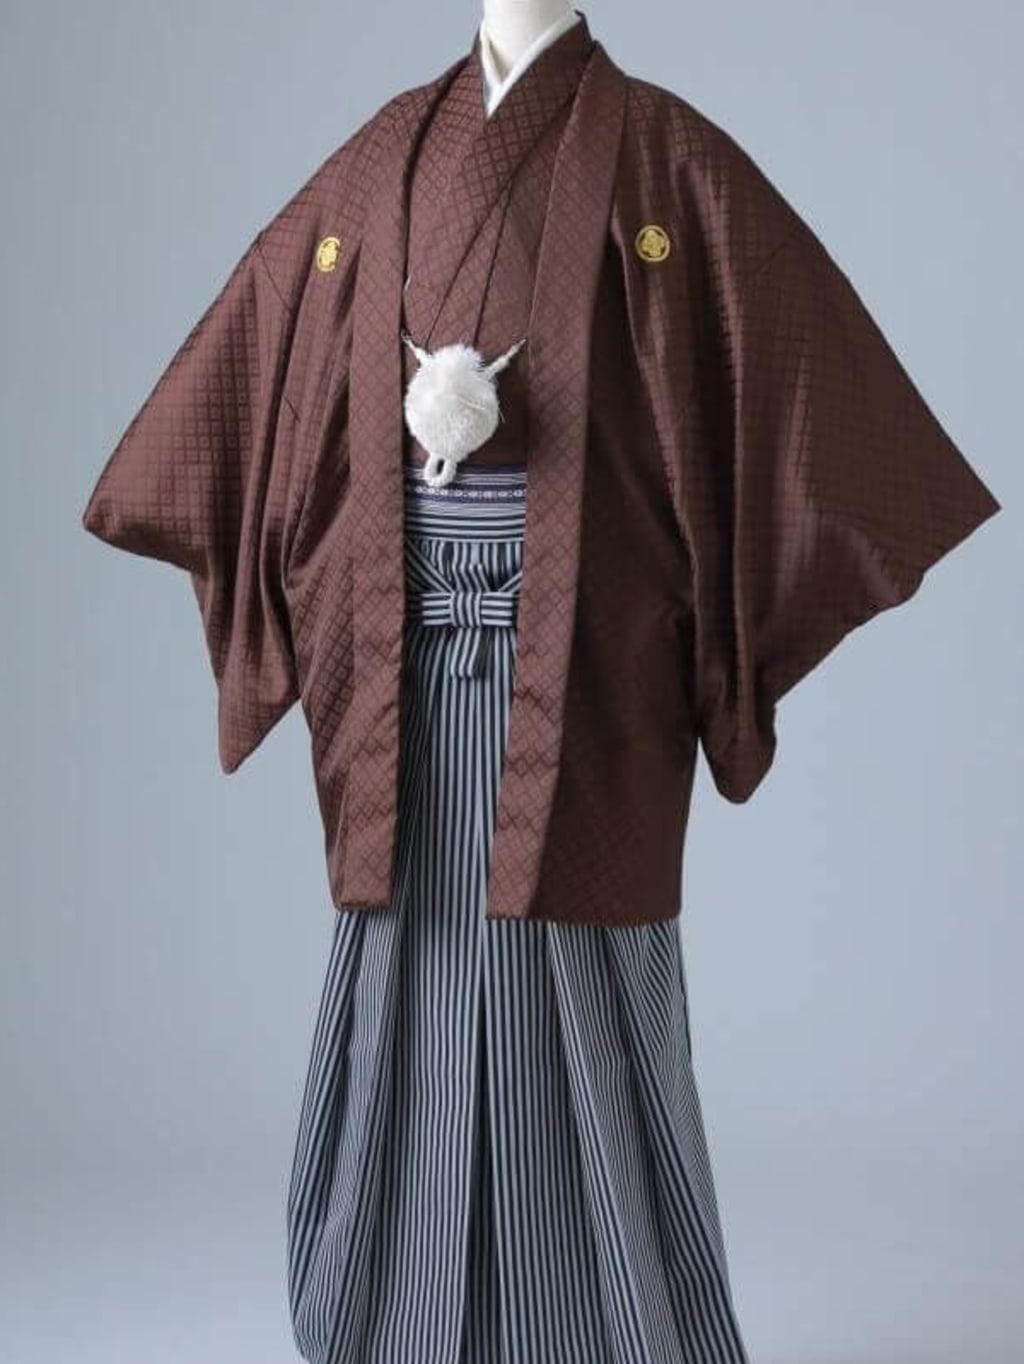 ブラウン紋服 仙台平袴_横浜店